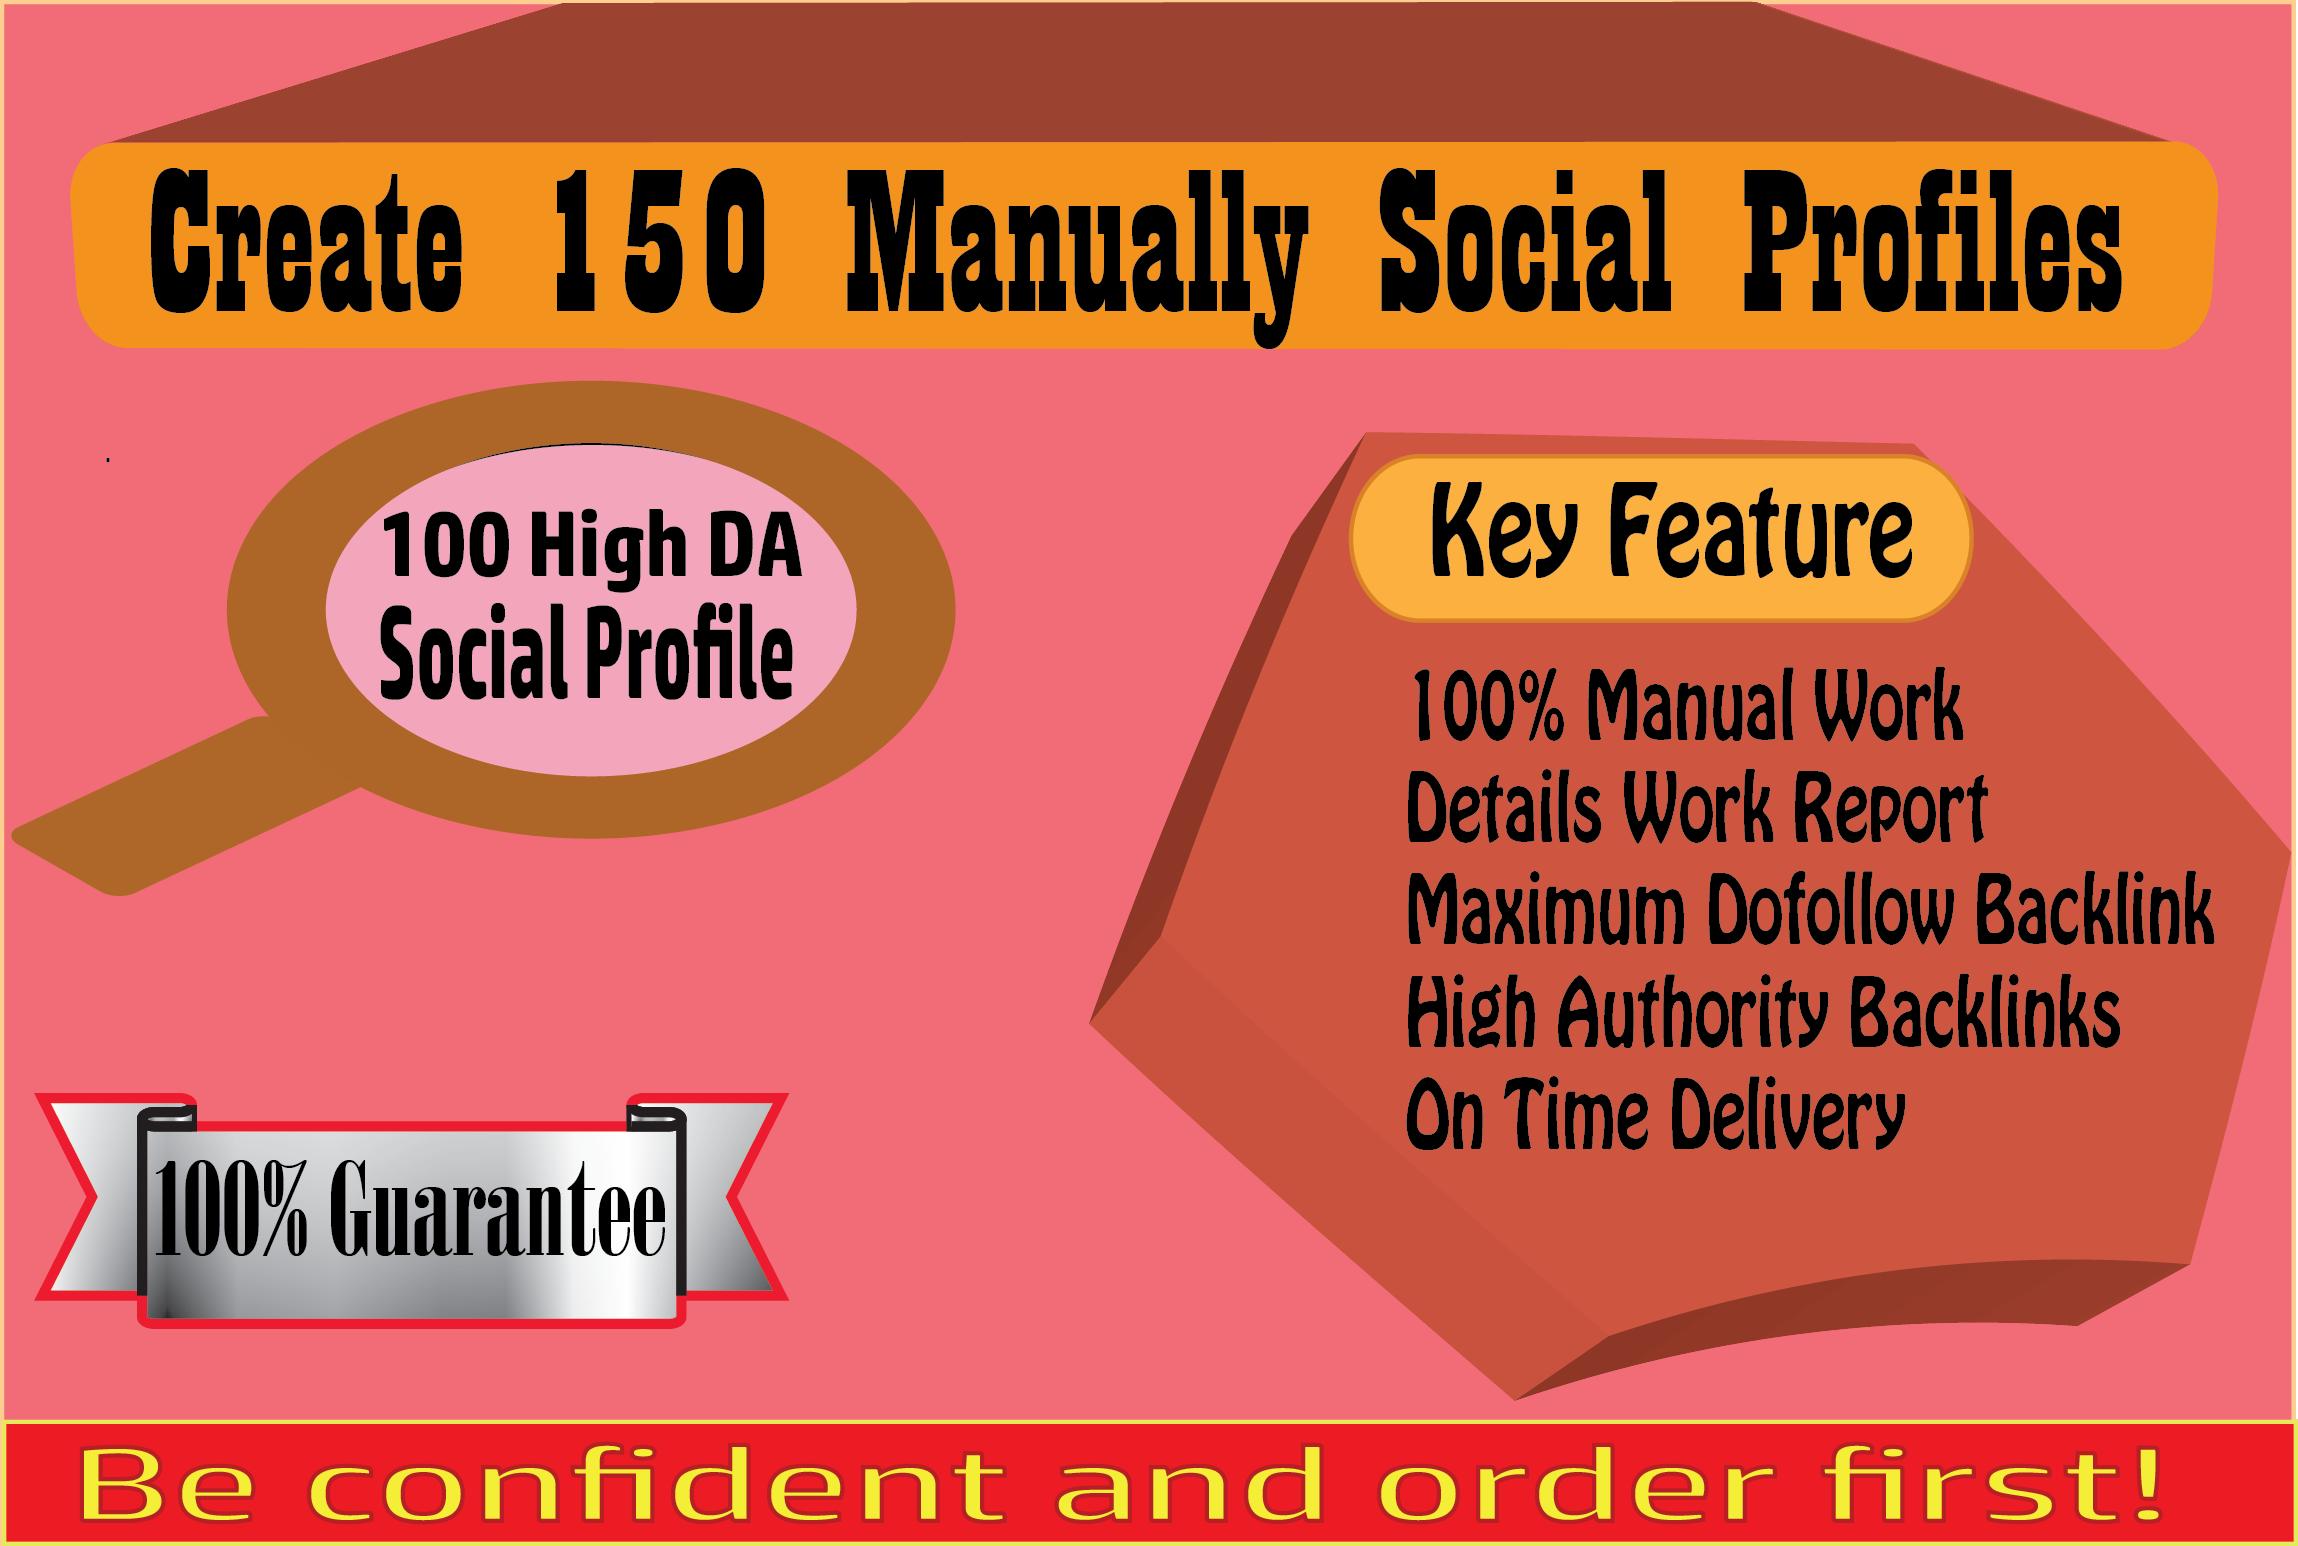 I Will Create 30 Manually Social Profiles